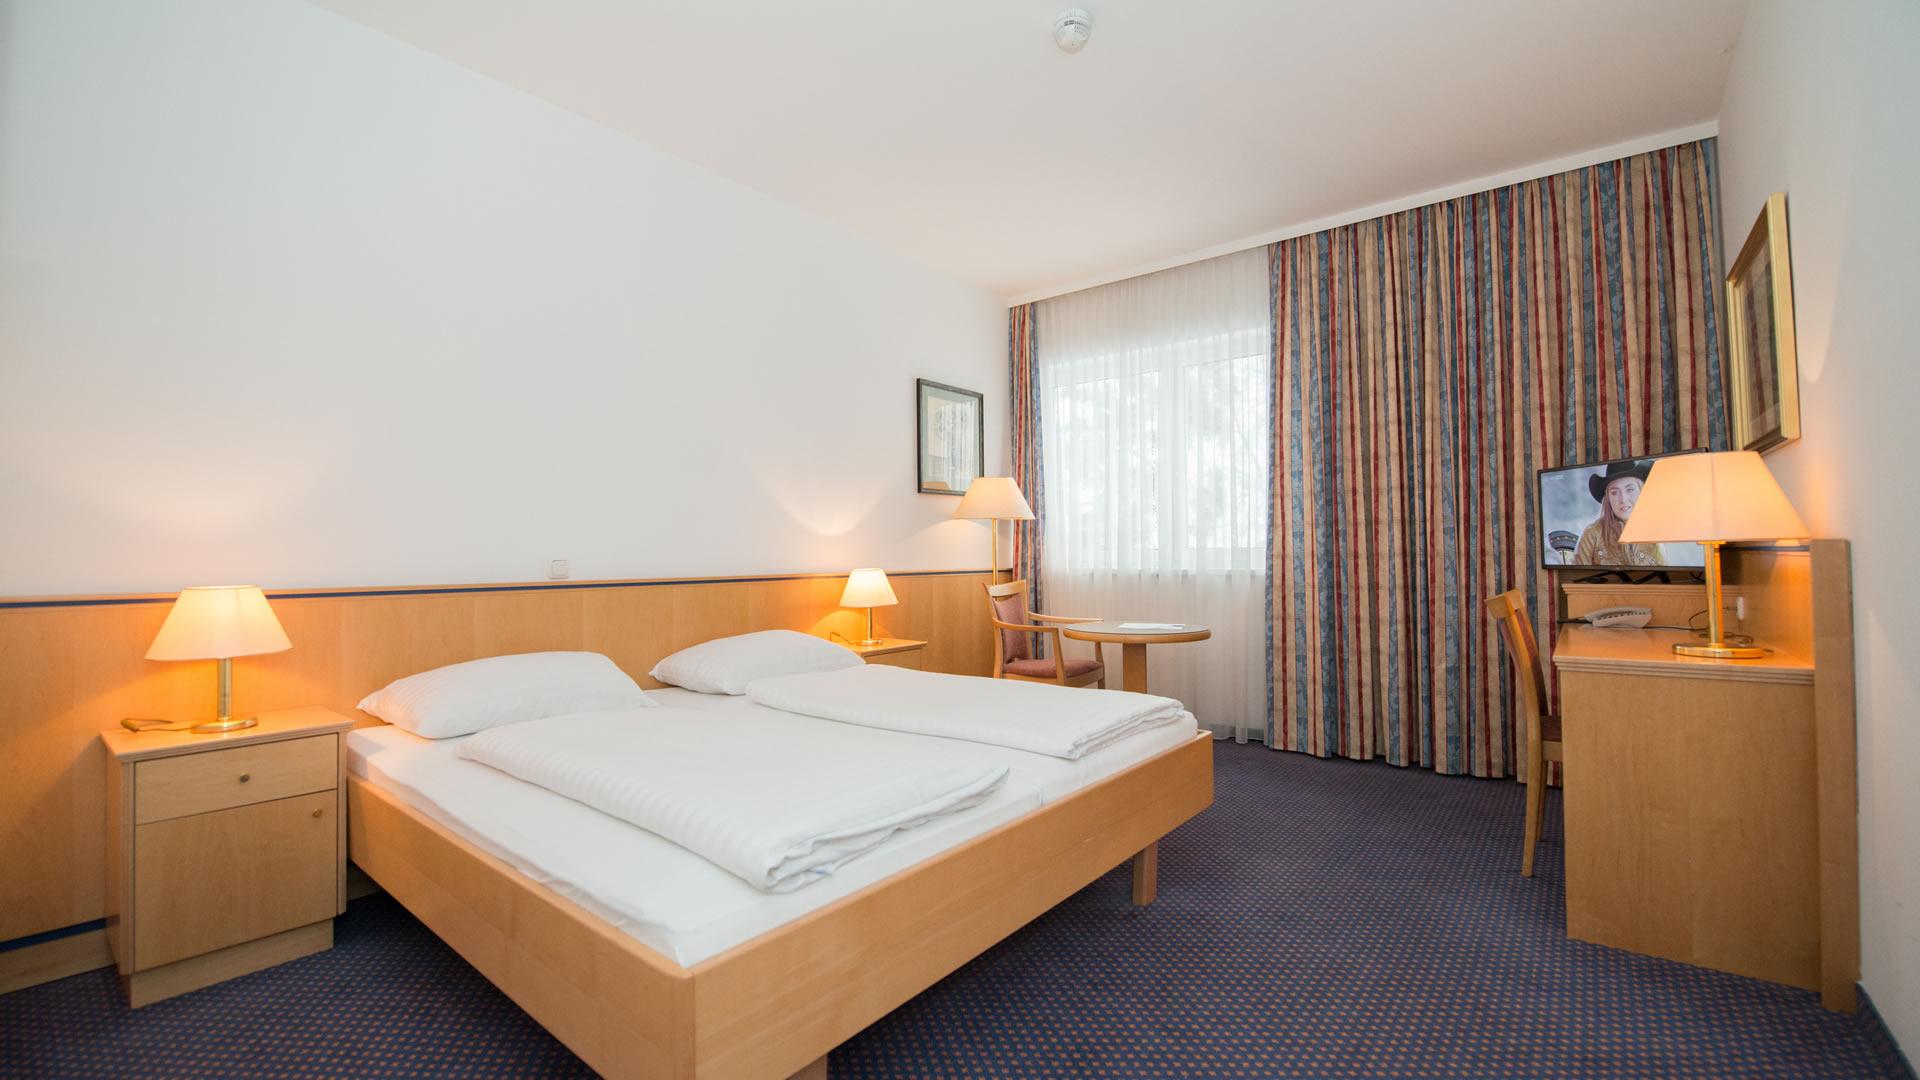 Doppelzimmer im Parkhotel Styria in Steyr